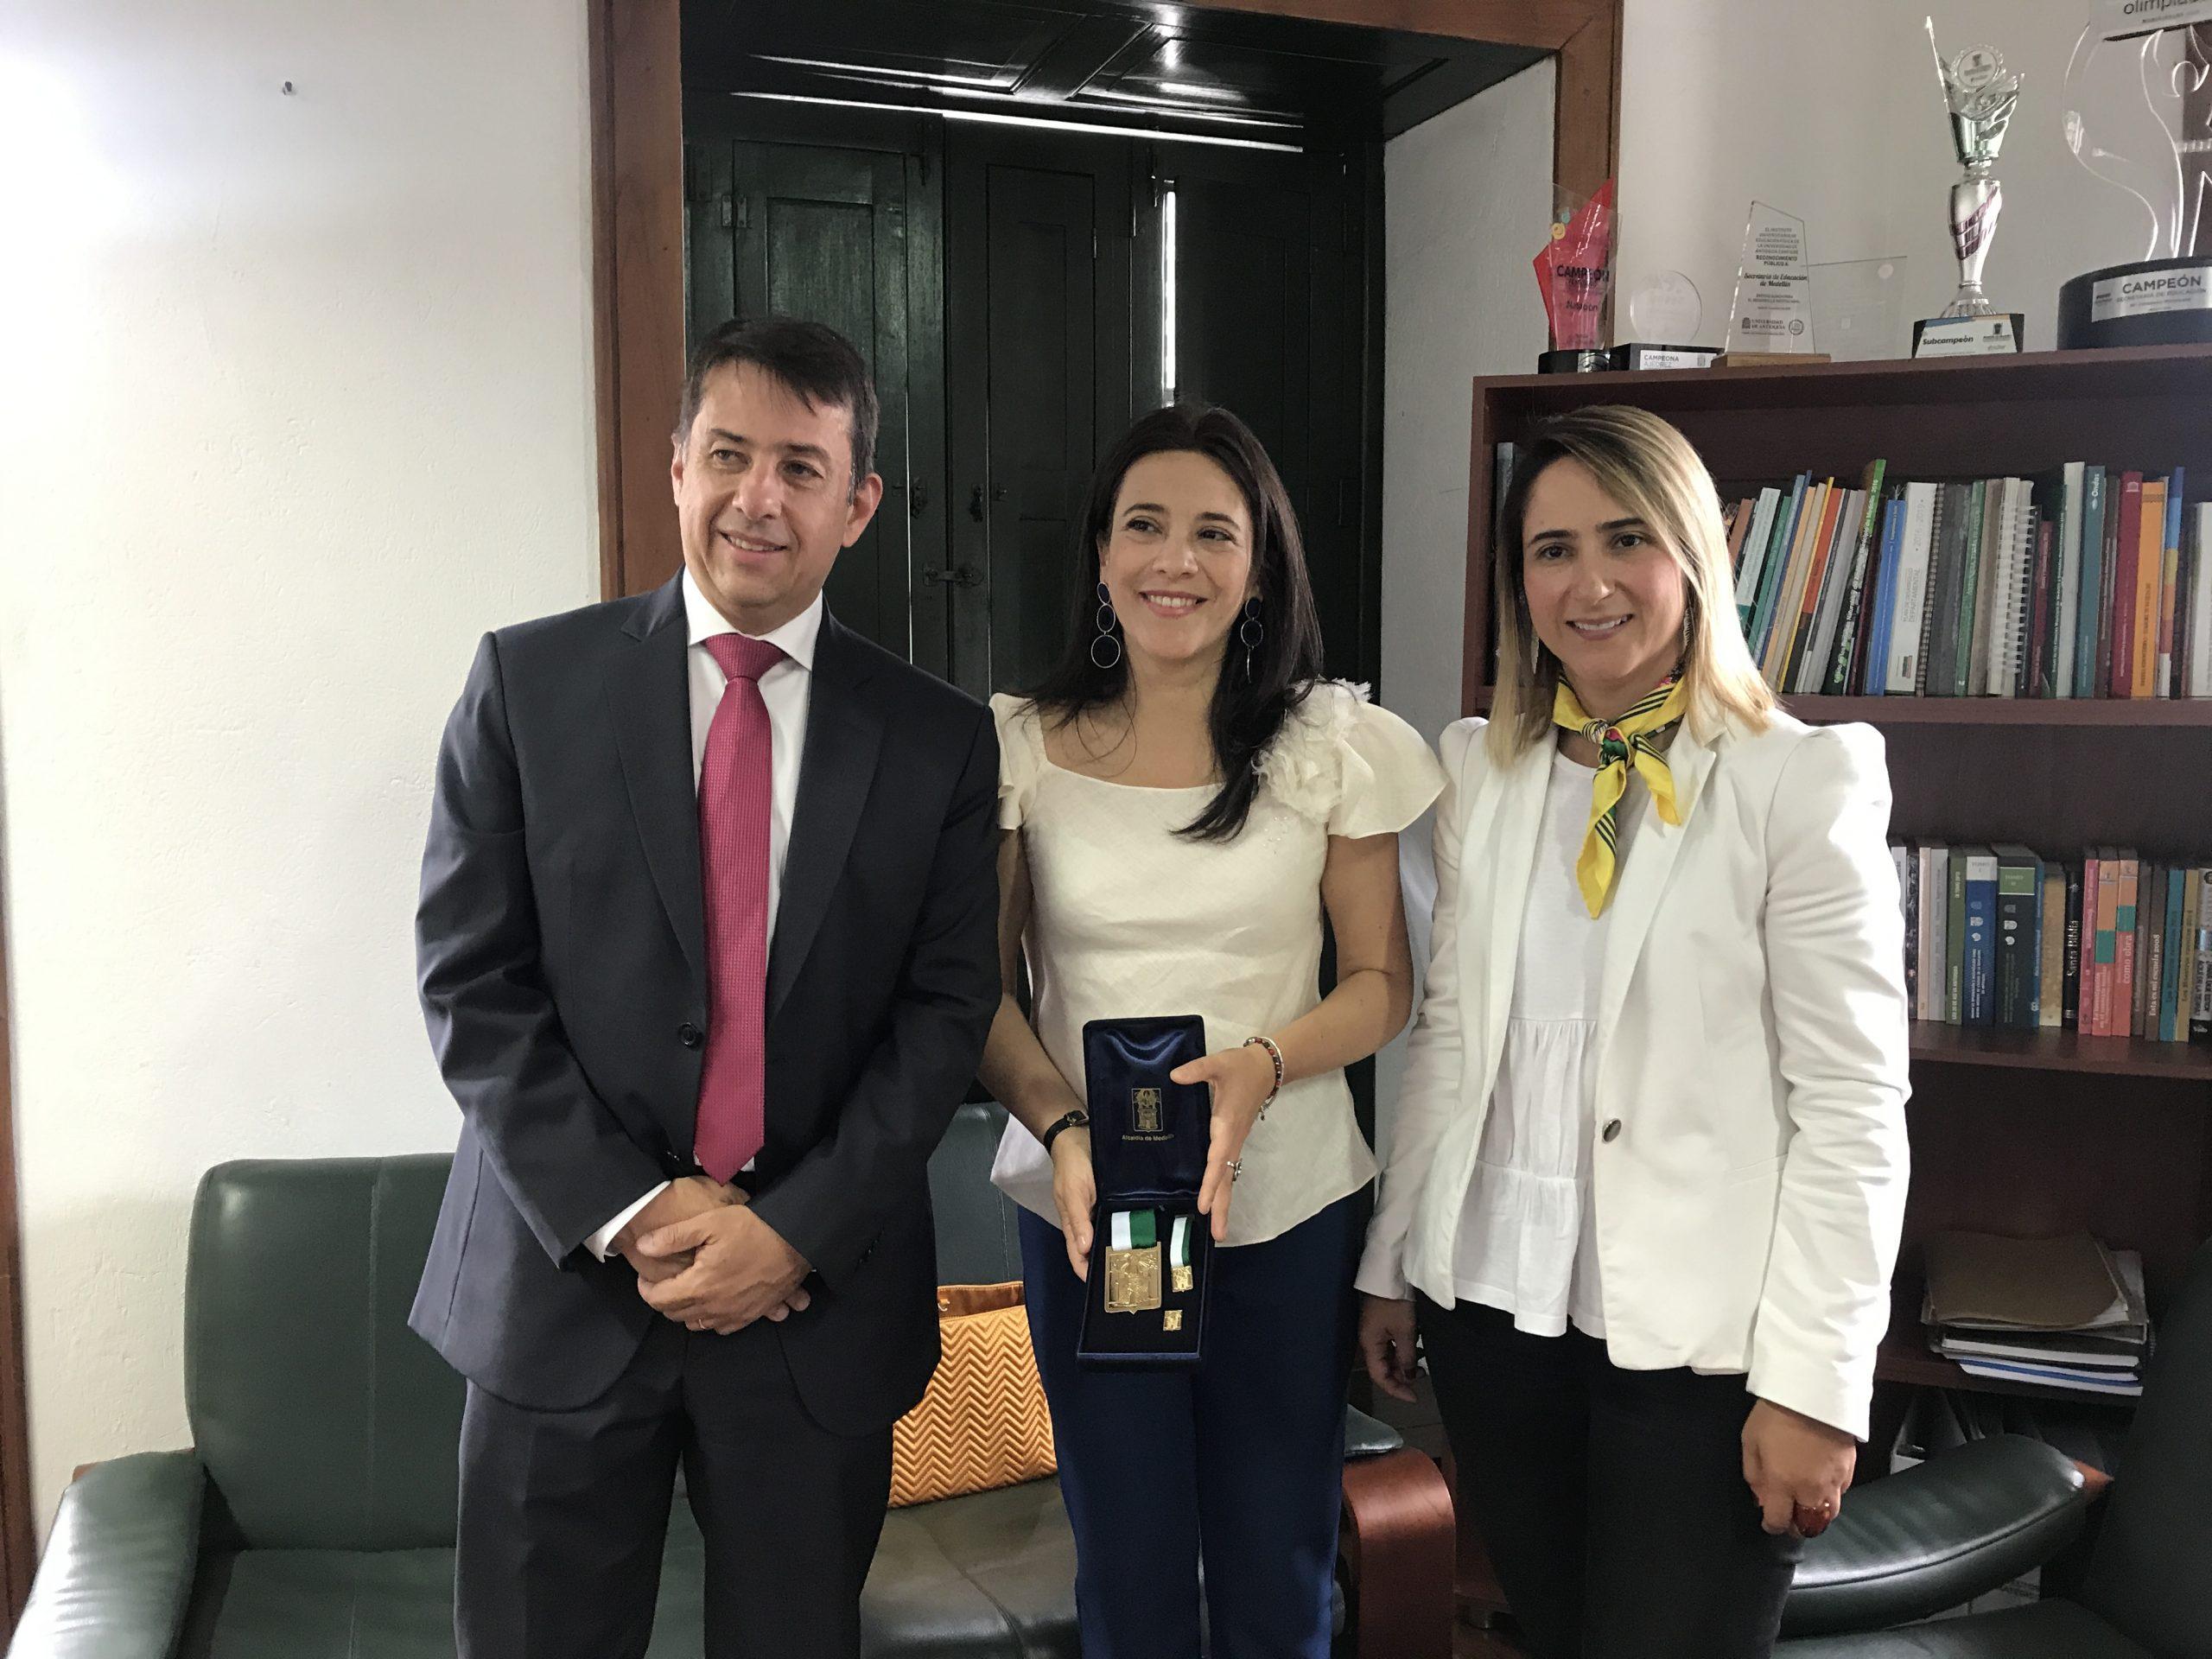 Fundación Siemens recibe Medalla al Mérito por aporte a la Educación y Cultura en Medellín